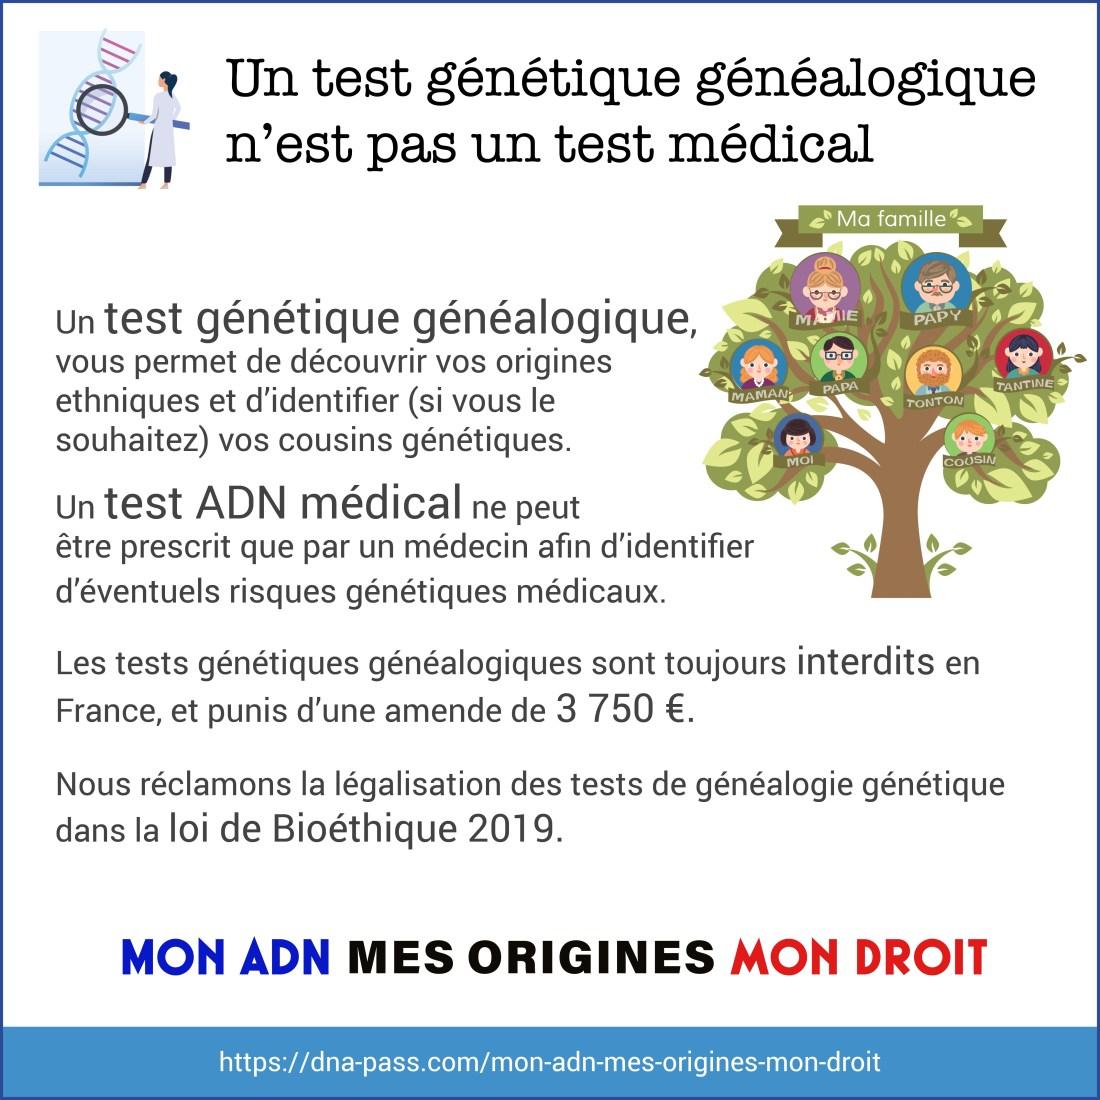 Un test génétique généalogique n'est pas un test génétique médical